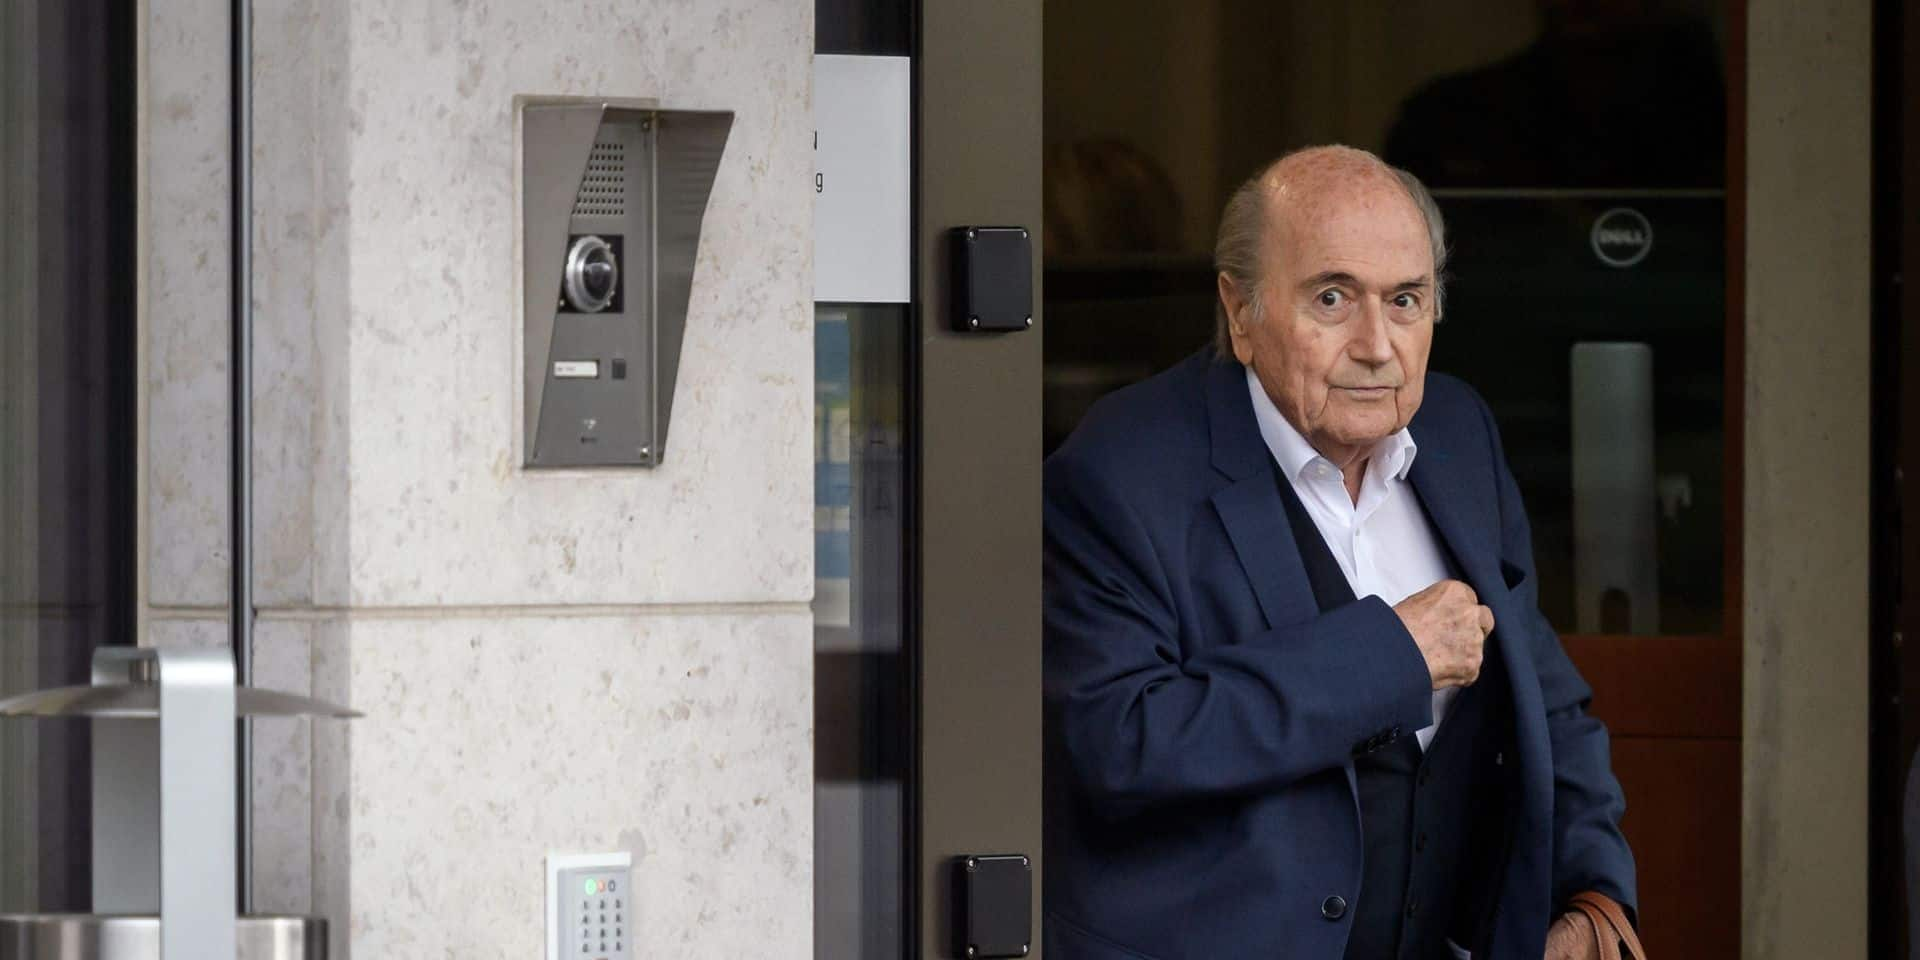 La justice suisse auditionne Sepp Blatter, accusé de corruption à la FIFA